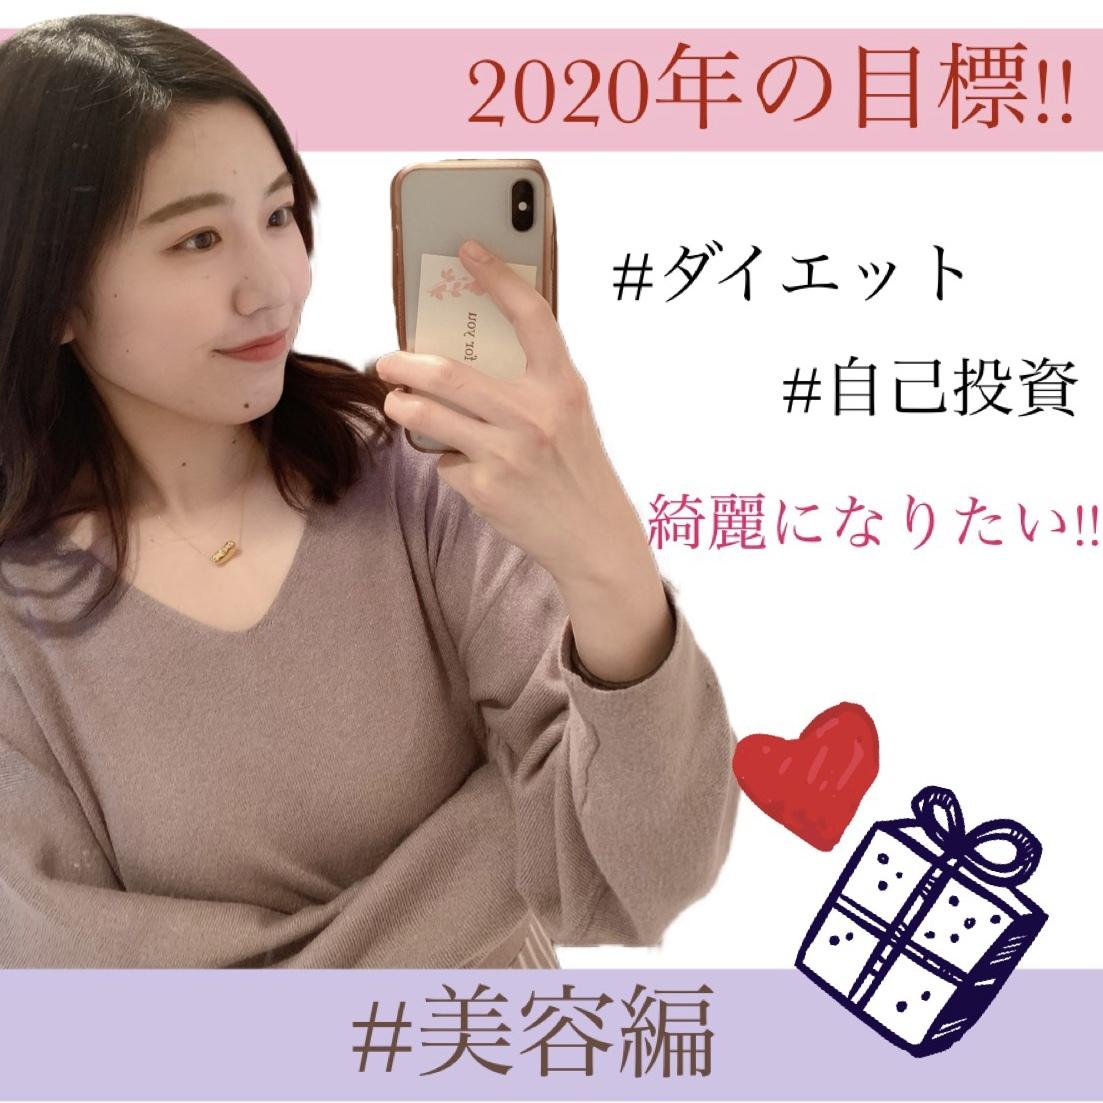 【2020年】今年の目標 〜美容編〜_1_1